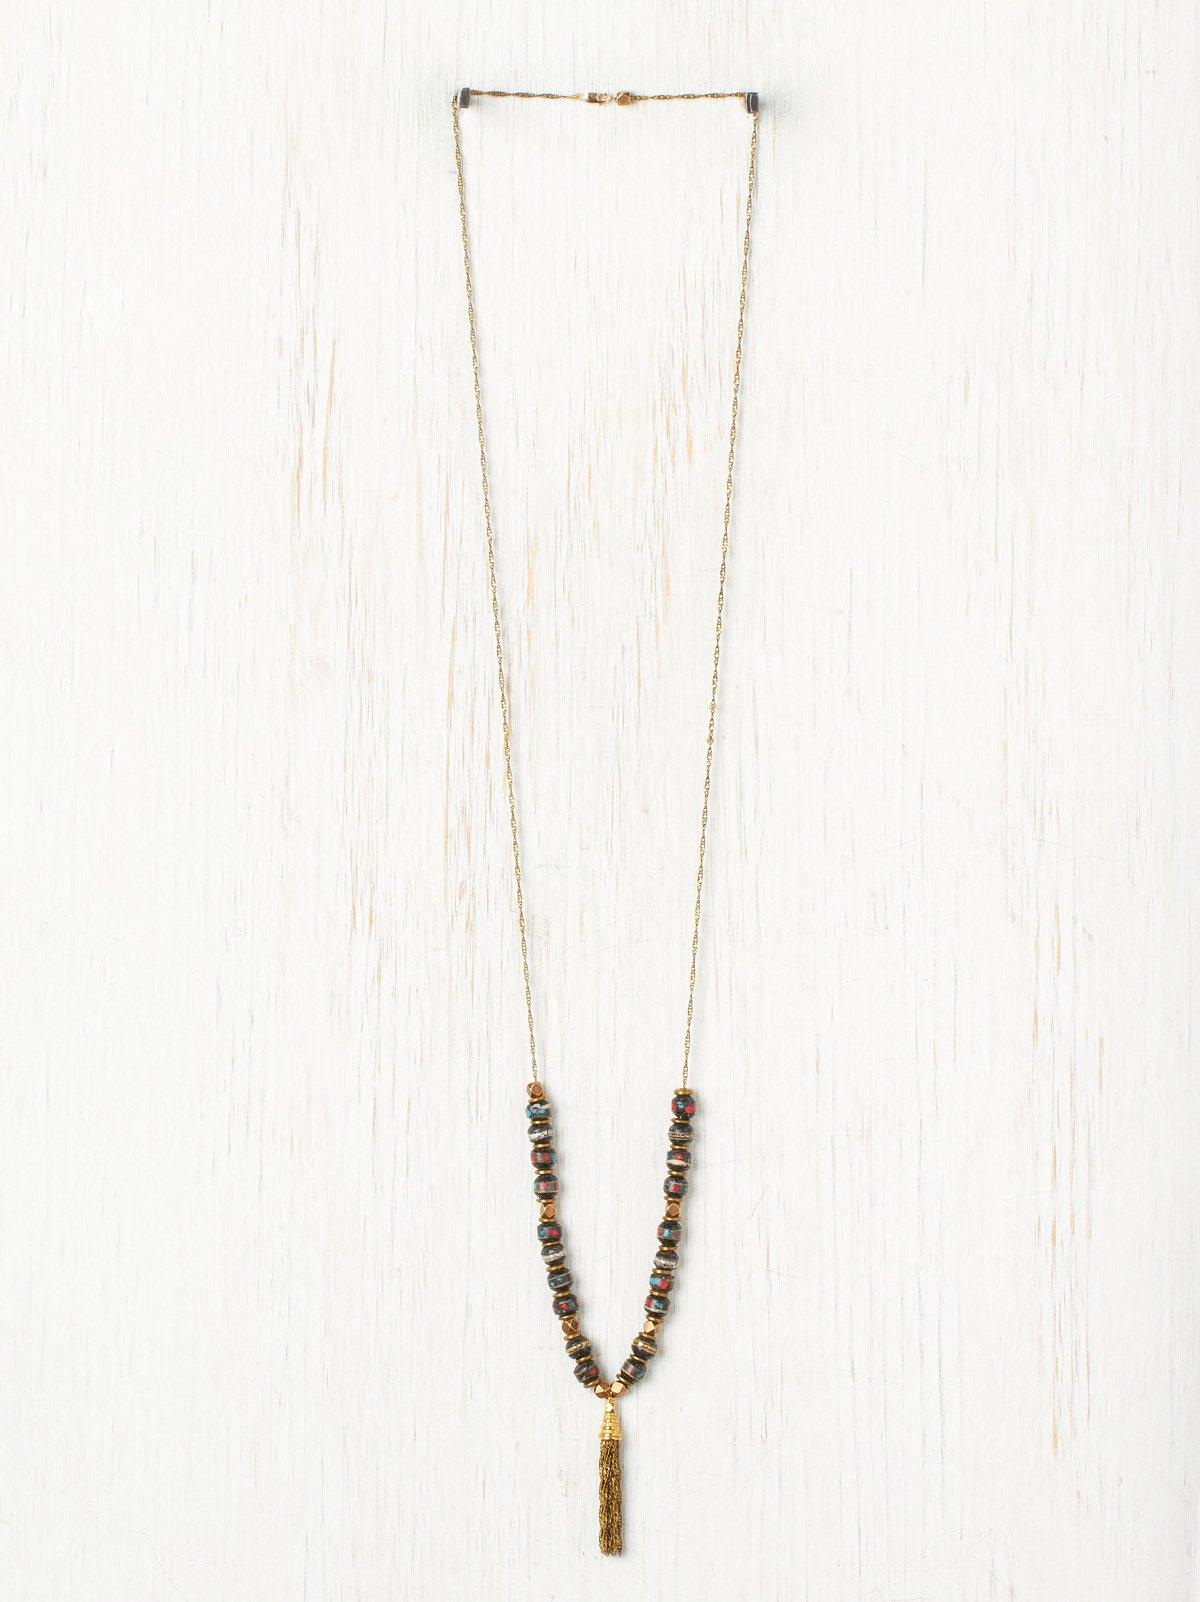 Talula Rosewood Tassle Necklace